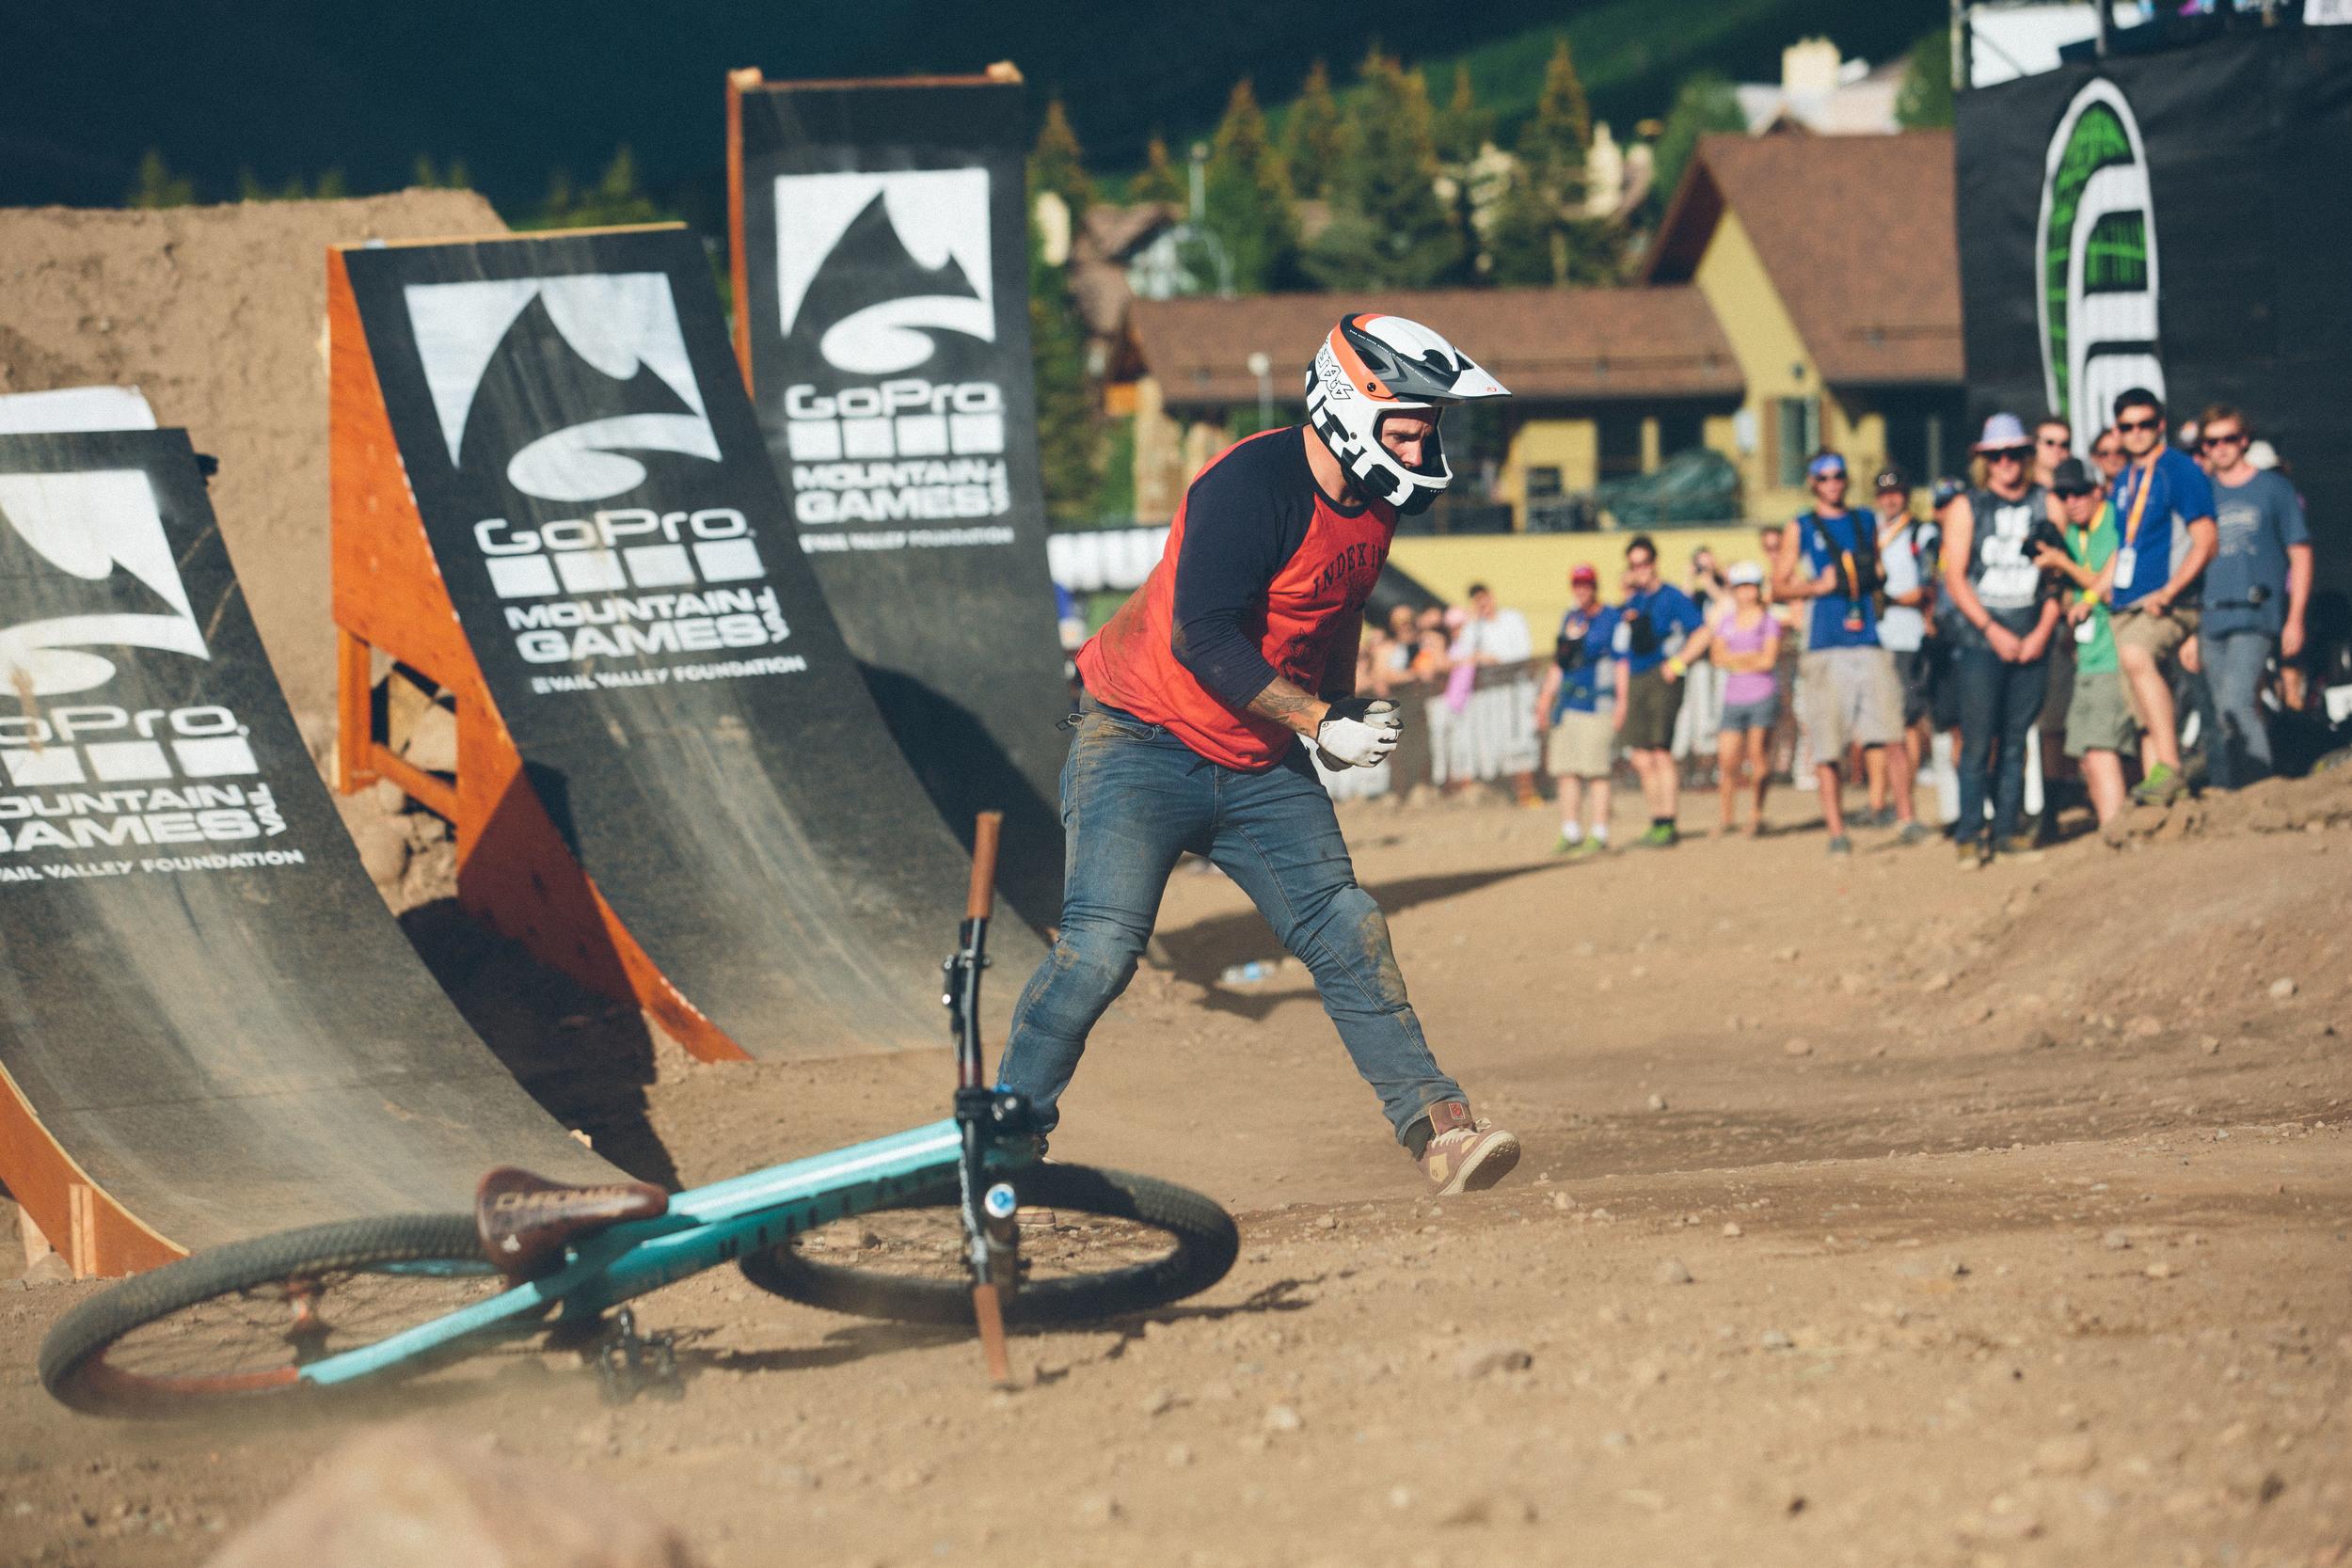 2014 GoPro Mountain Games - Day 2-4579.jpg